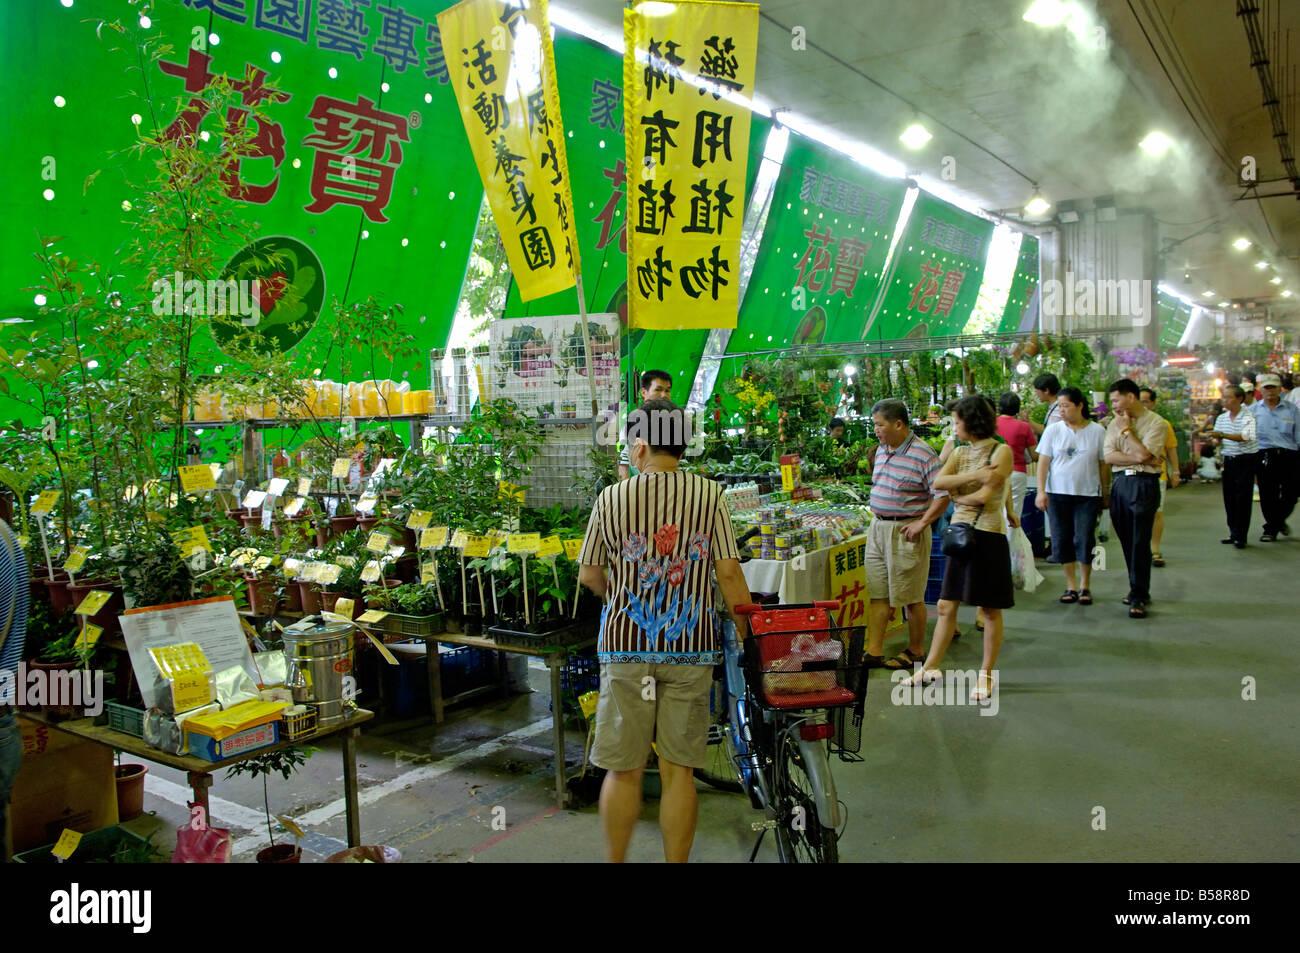 Jian Guo Holiday Fiore e il mercato della giada, Taipei, Taiwan, Repubblica di Cina Immagini Stock